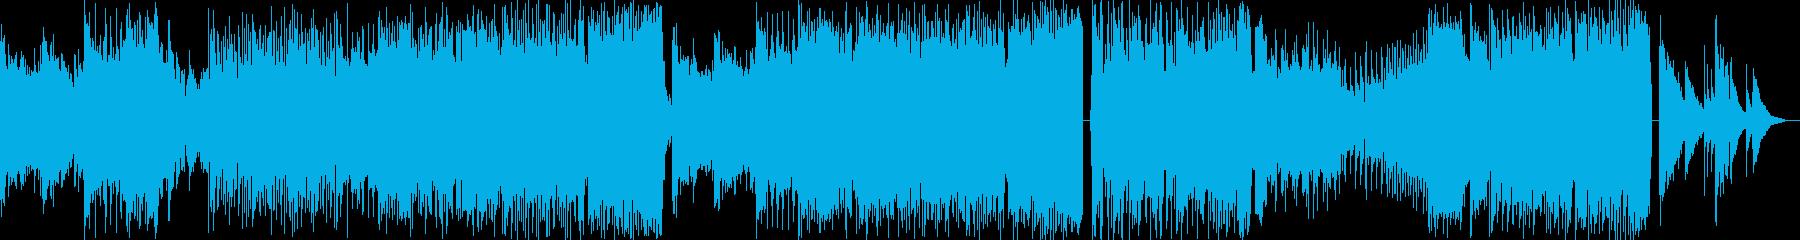 切ないアコギとピアノが印象的なEDMの再生済みの波形